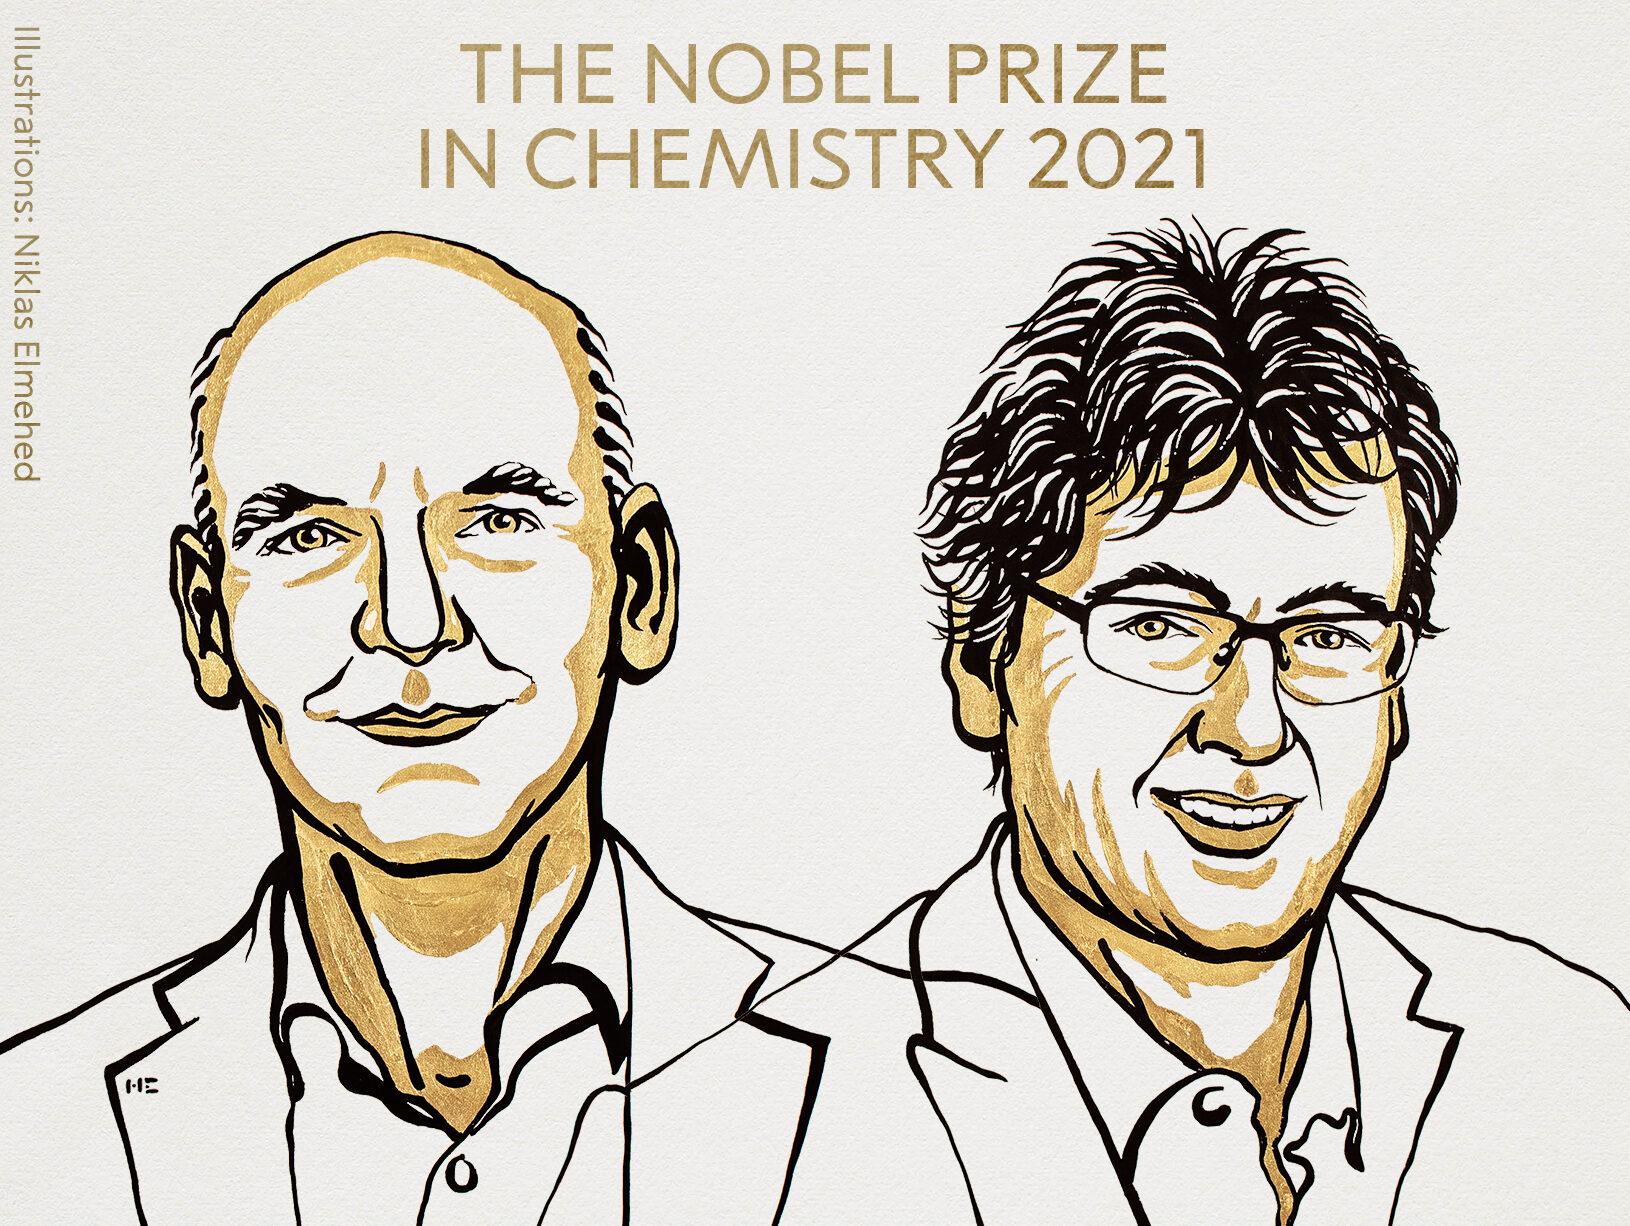 За новые методы синтеза молекул. Нобелевскую премию по химии получили двое ученых из США